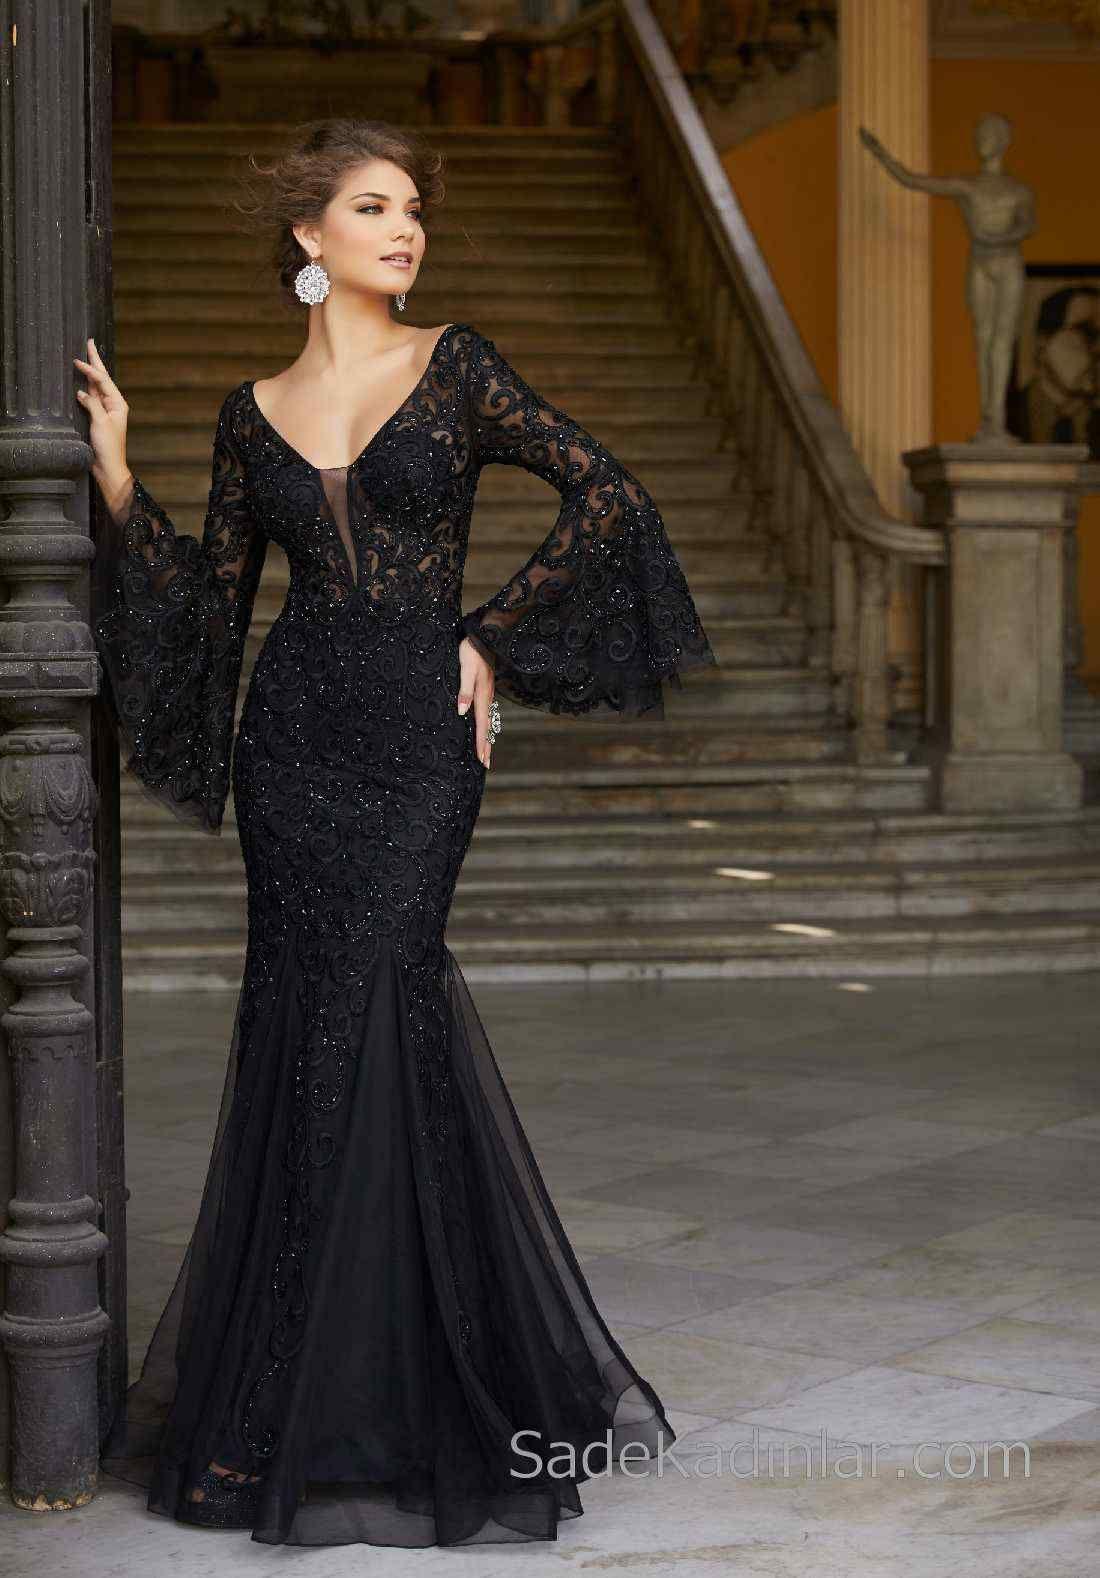 2020 Abiye Ve Gece Elbiseleri Siyah Uzun Balik V Yakali Dantel Ispanyol Kol Elbise Kiyafet Mezunlar Gecesi Elbiseleri